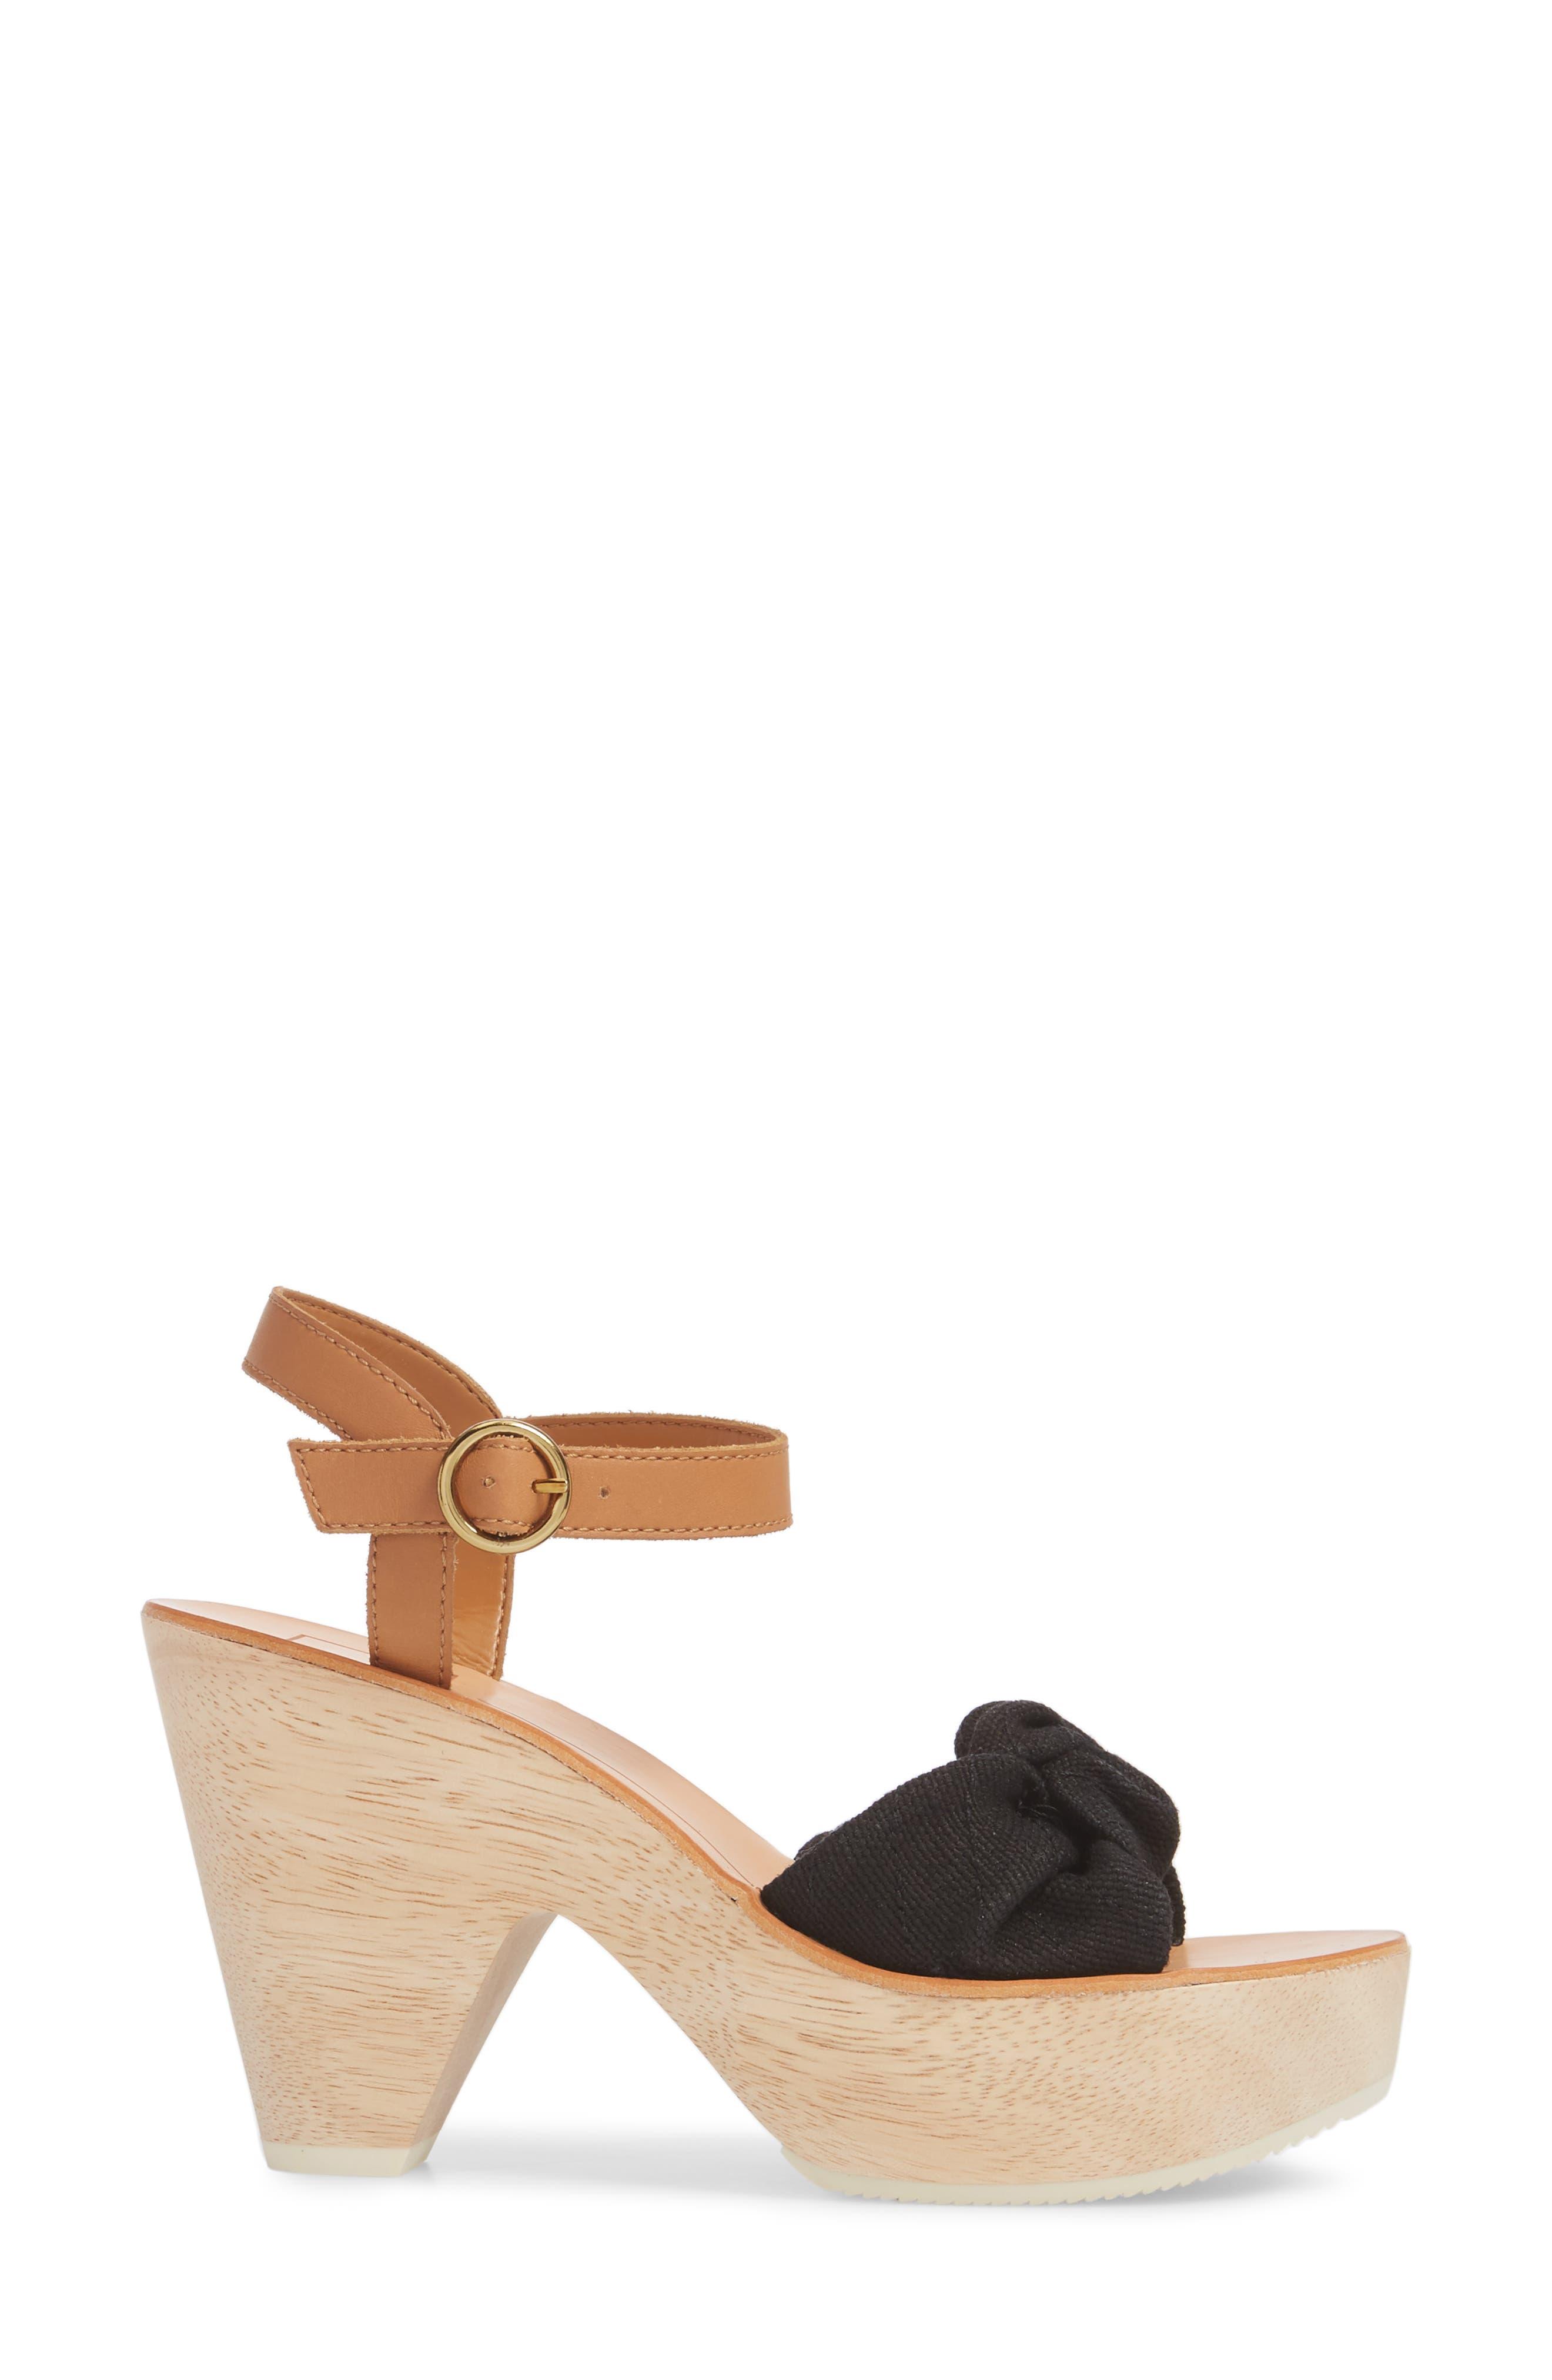 Shia Knotted Platform Sandal,                             Alternate thumbnail 3, color,                             001